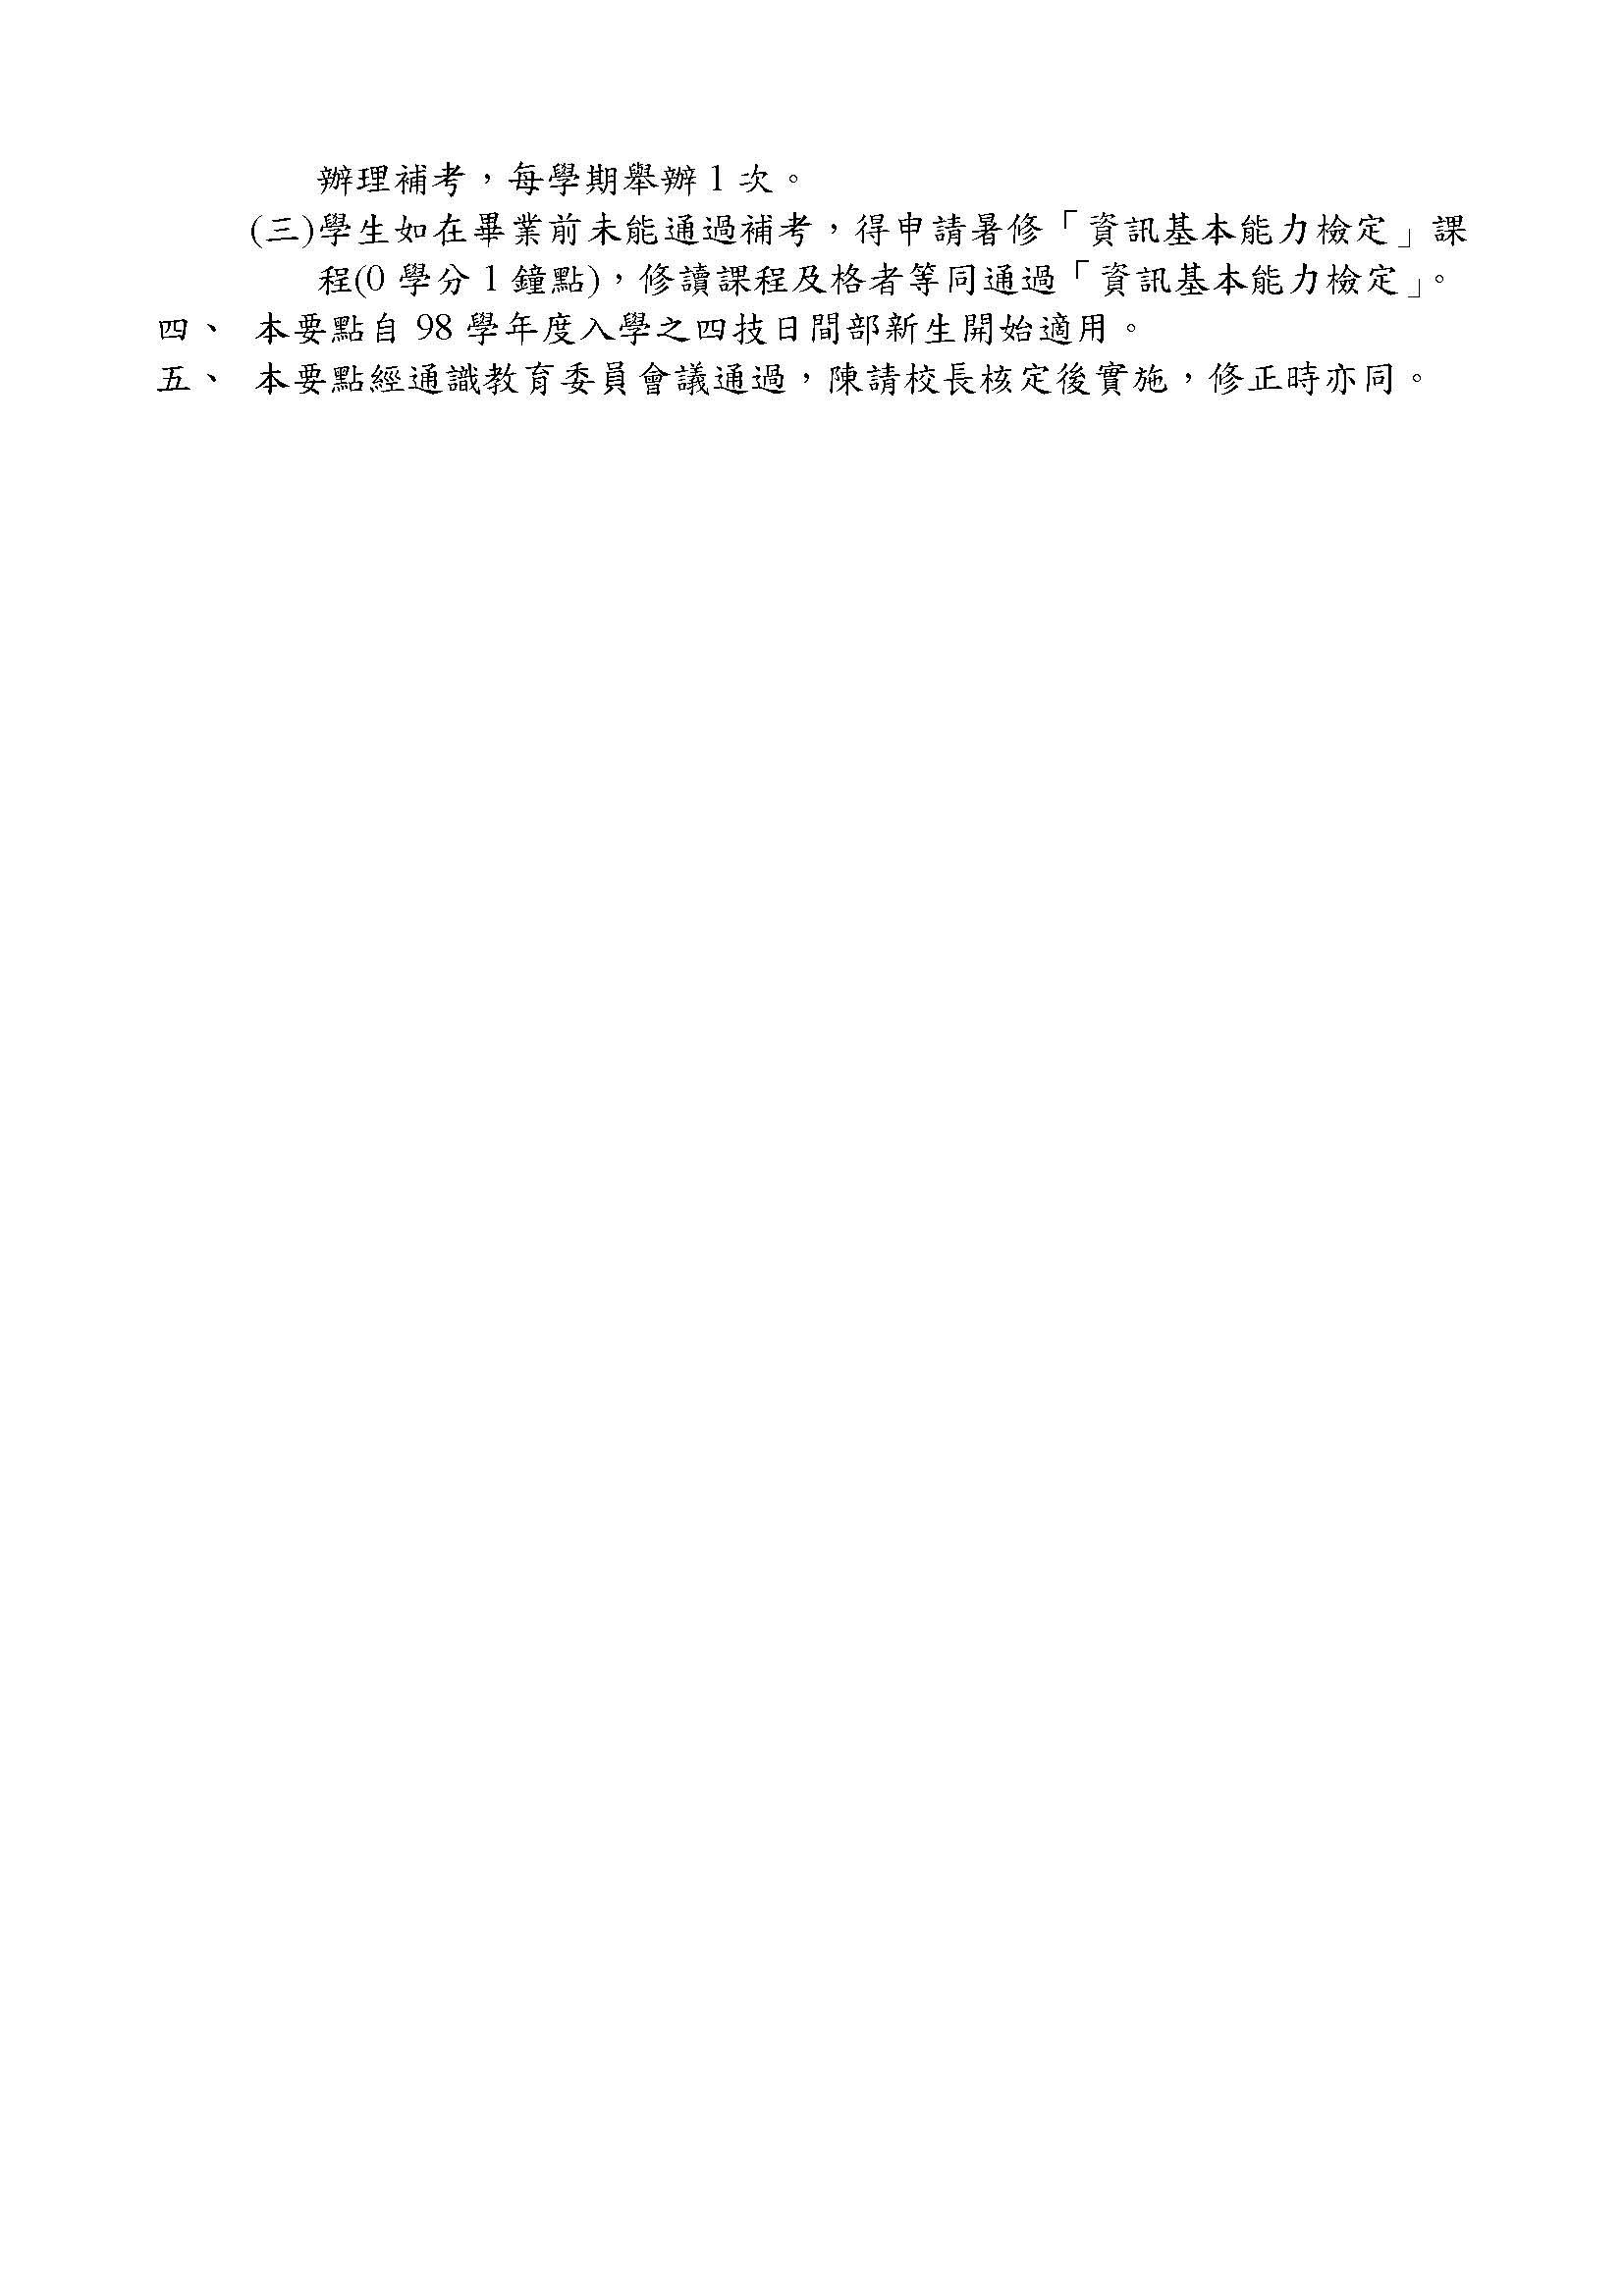 13資訊基本能力檢定及輔導要點102.06.20_頁面_2